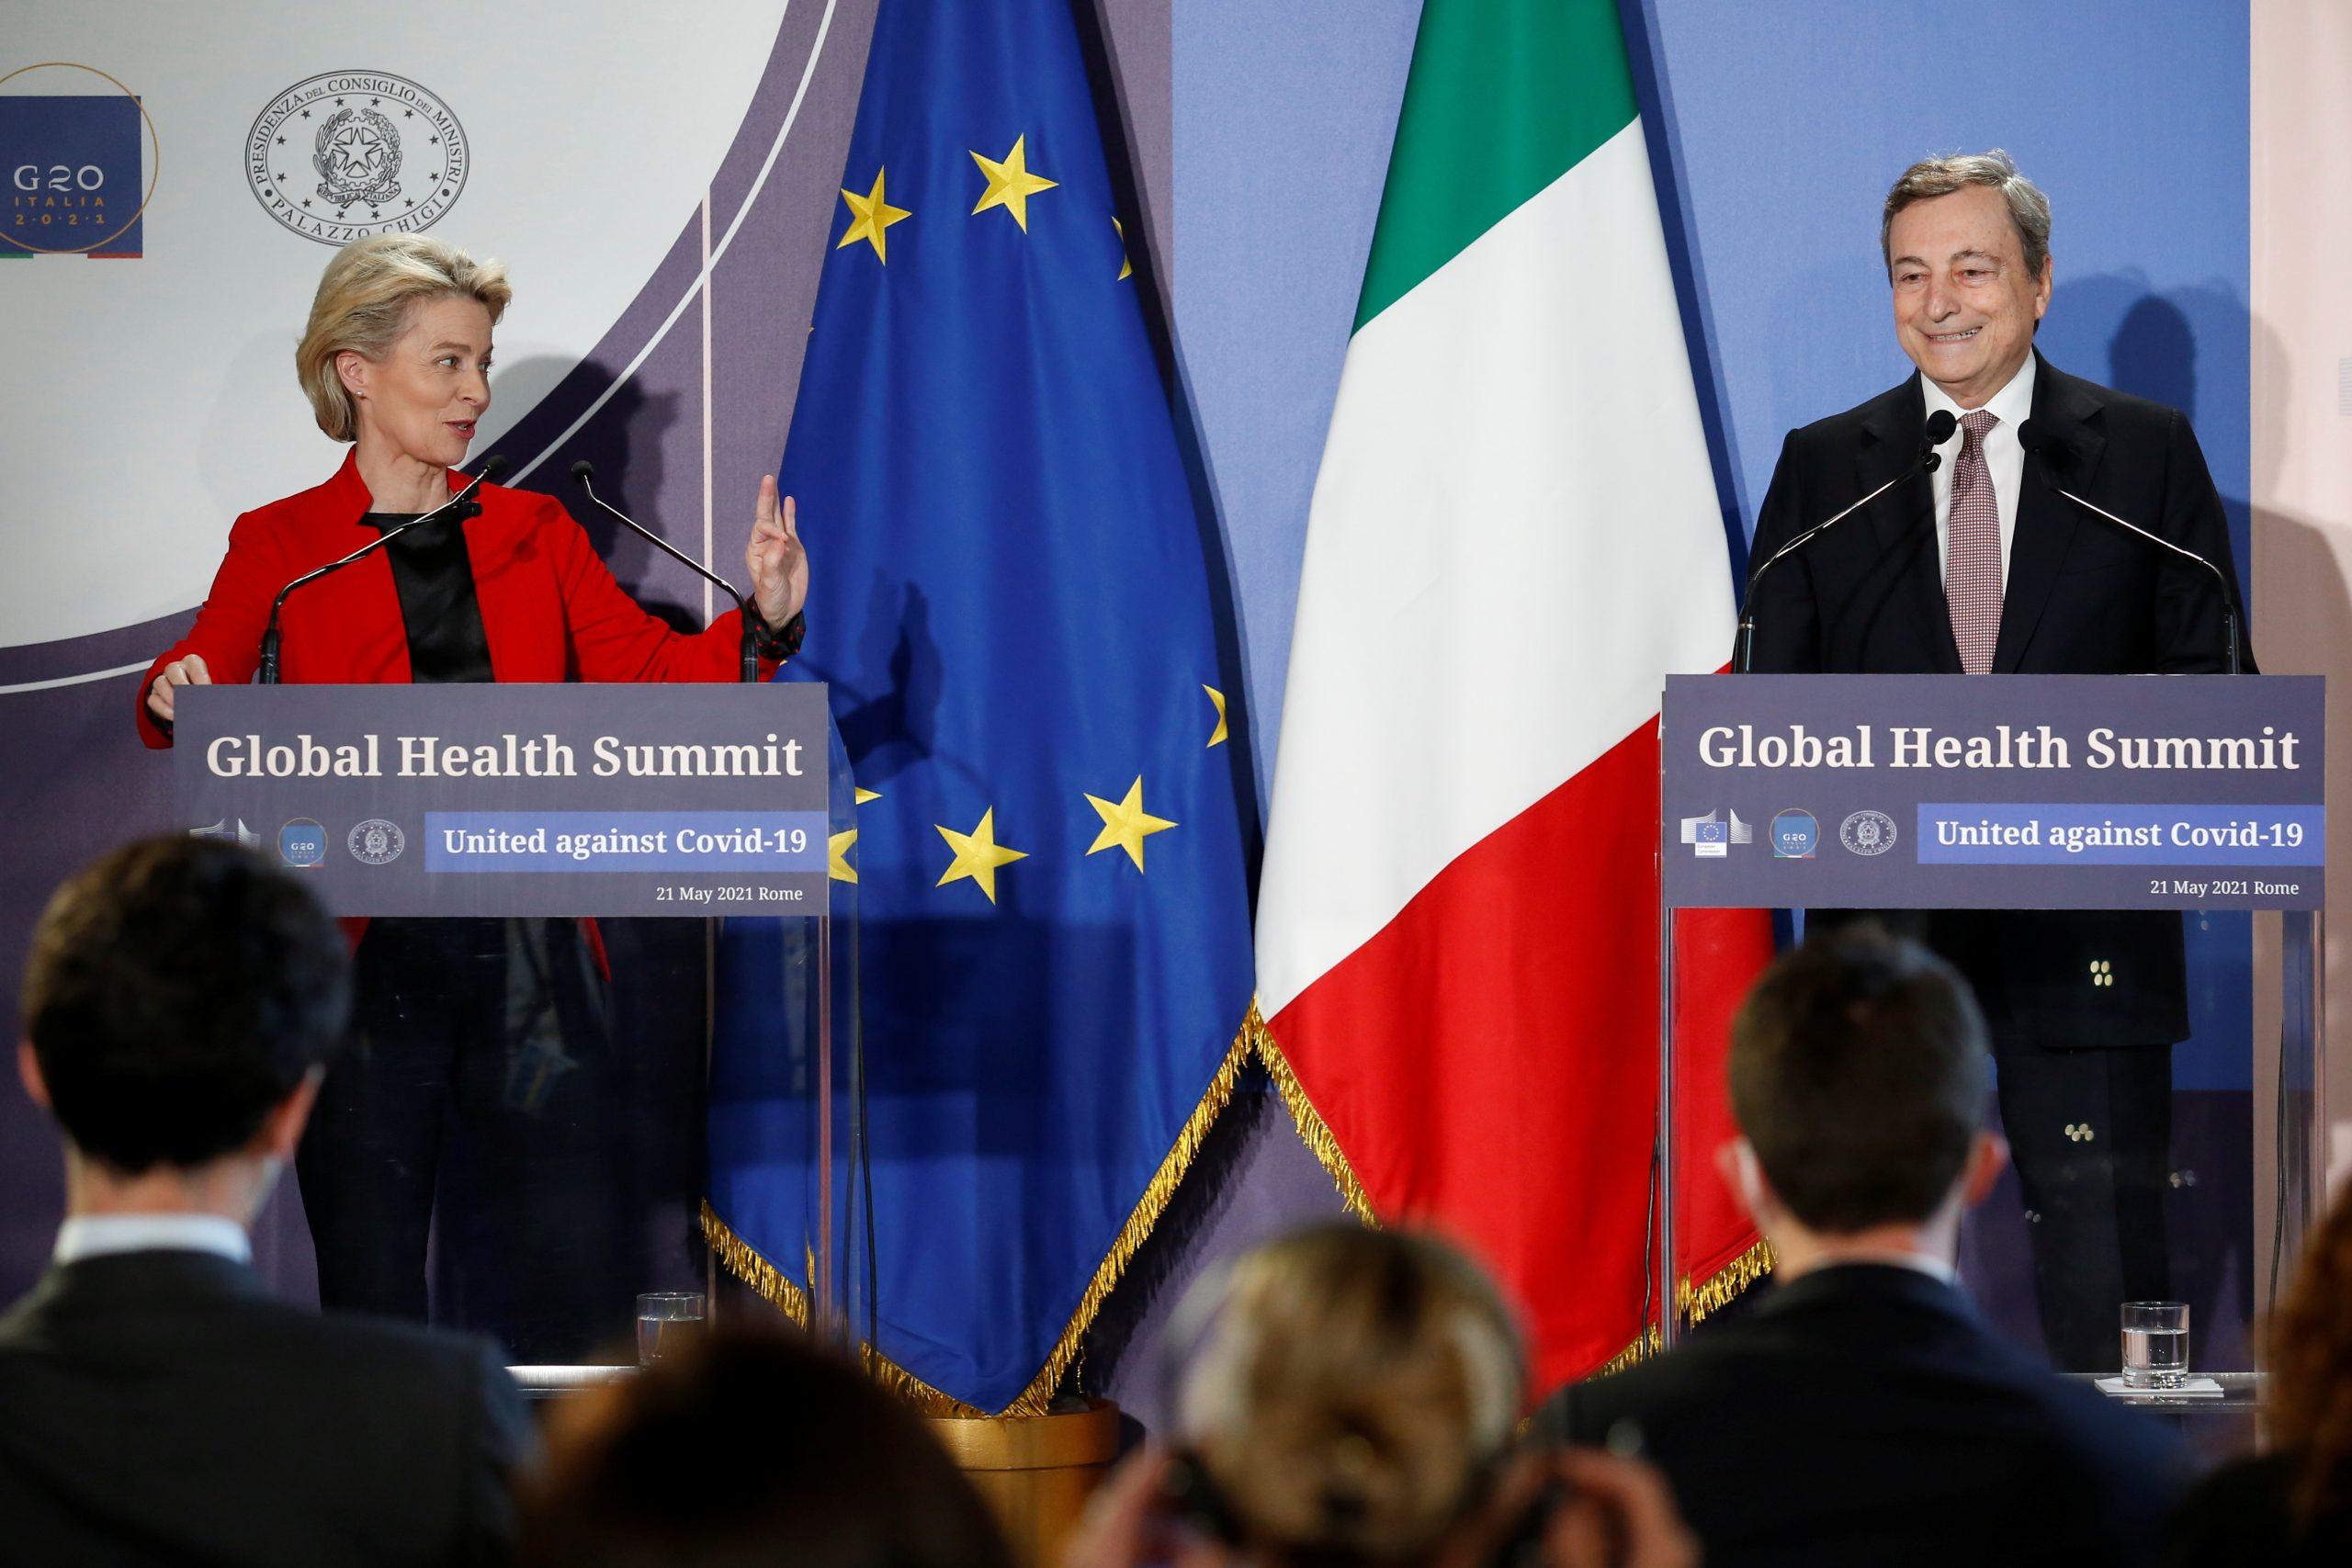 El primer ministre italià, Mario Draghi, i la presidenta de la Comissió Europea, Ursula von der Leyen, en la roda de premsa de la reunió del G-20, aquest divendres / REUTERS/ACN